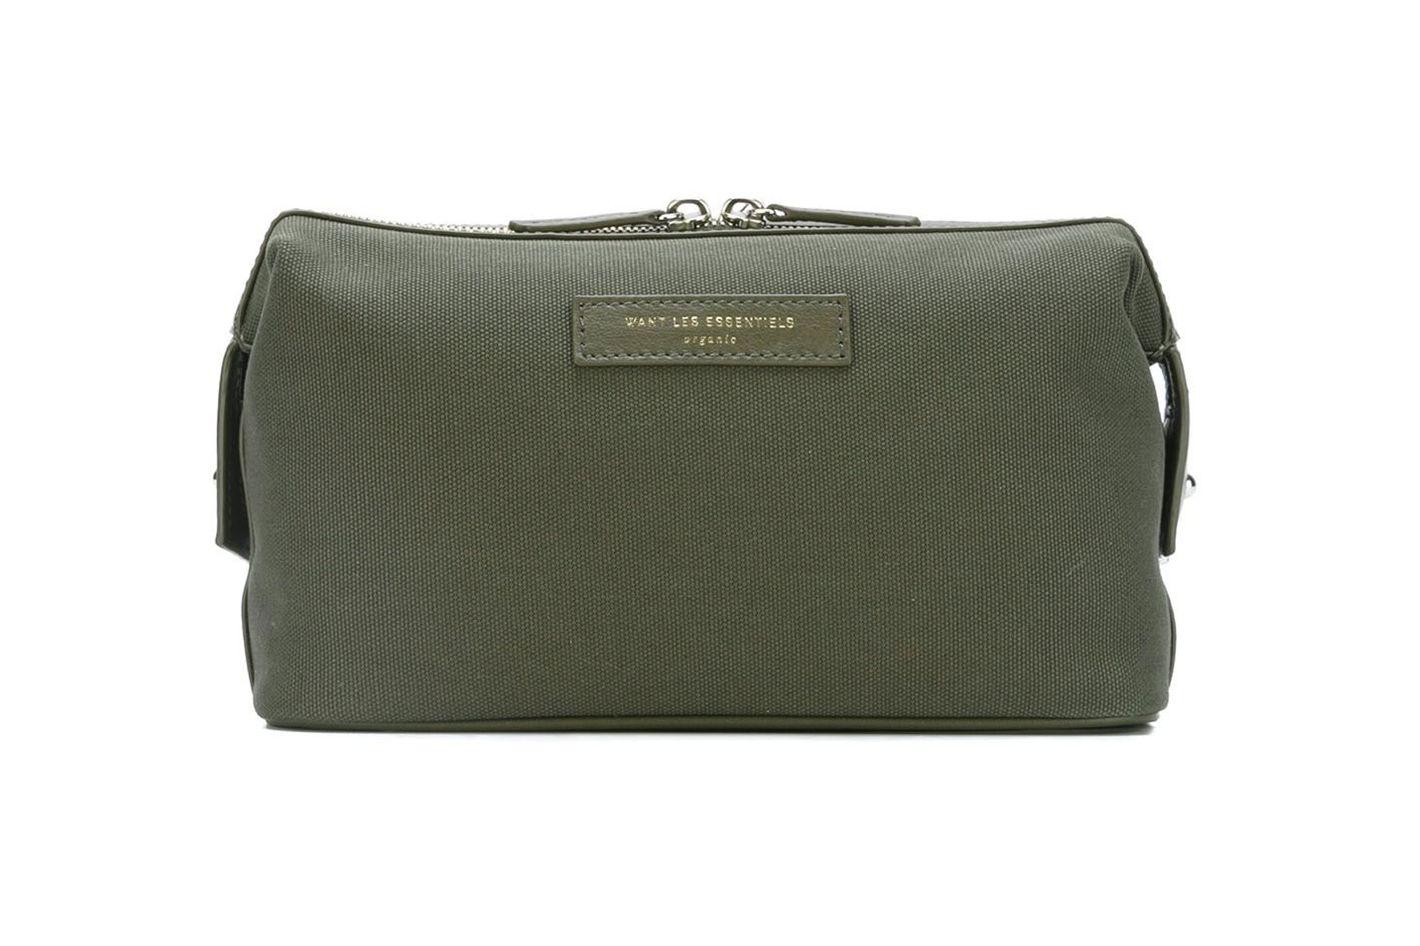 Want Les Essentiels De La Vie Kenyatta Wash Bag